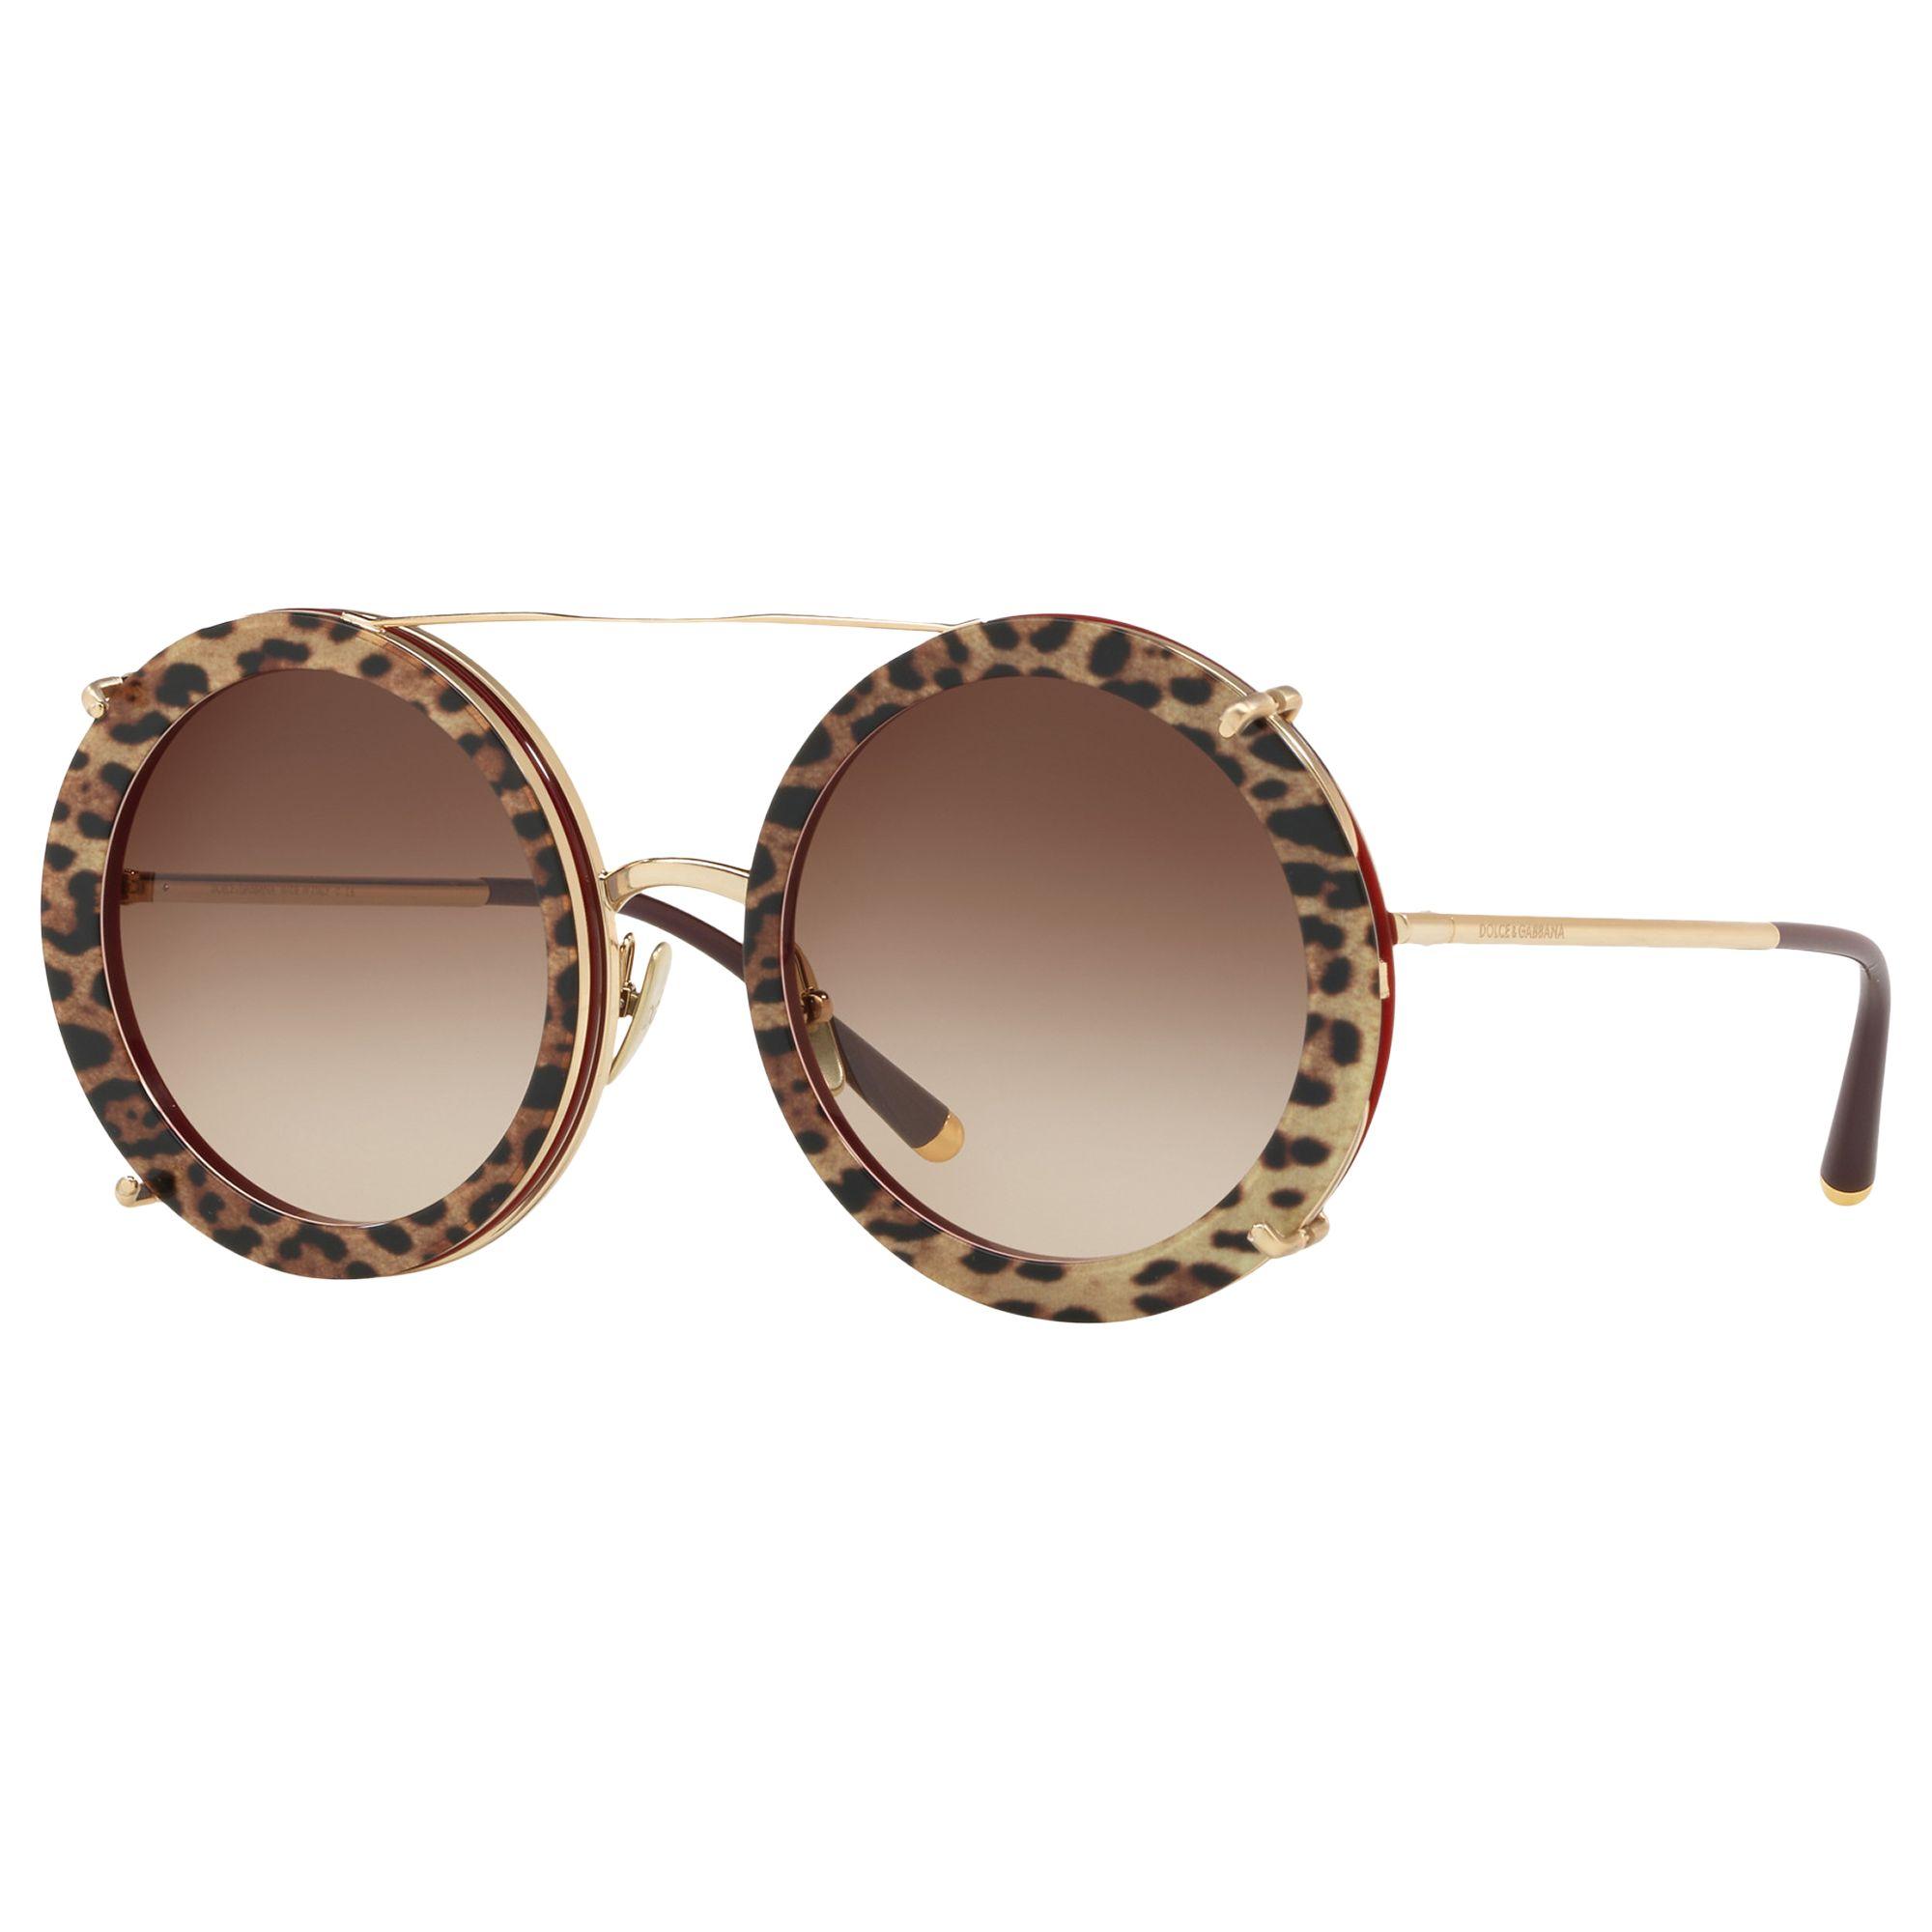 Dolce & Gabbana Dolce & Gabbana DG2198 Women's Round Sunglasses, Gold/Brown Gradient